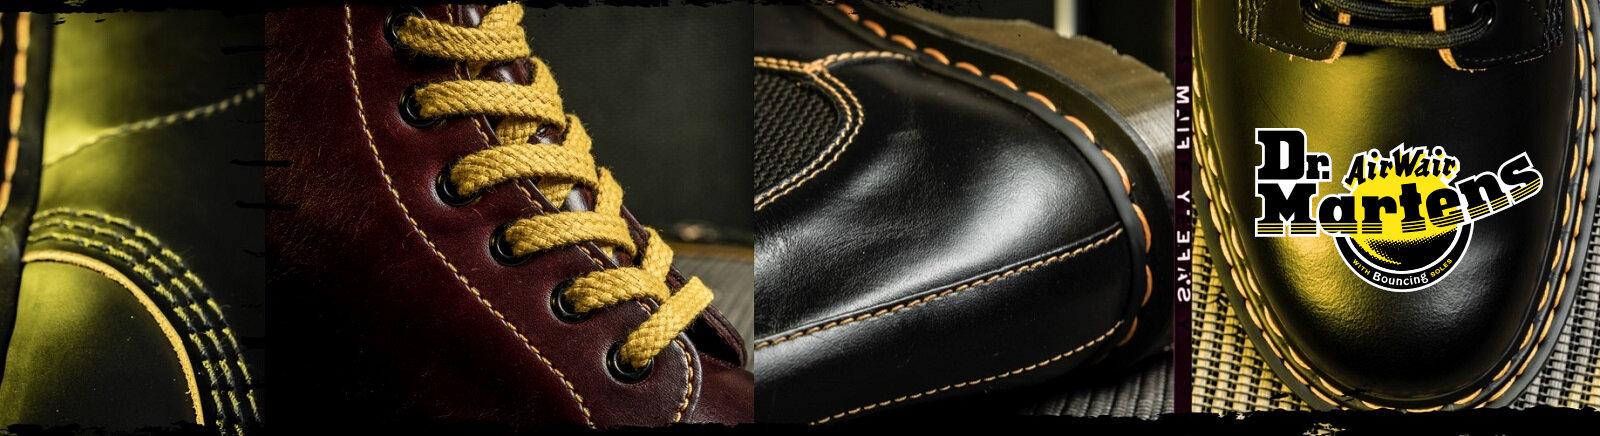 Dr. Martens Herrenschuhe online entdecken im Juppen Schuhe Shop